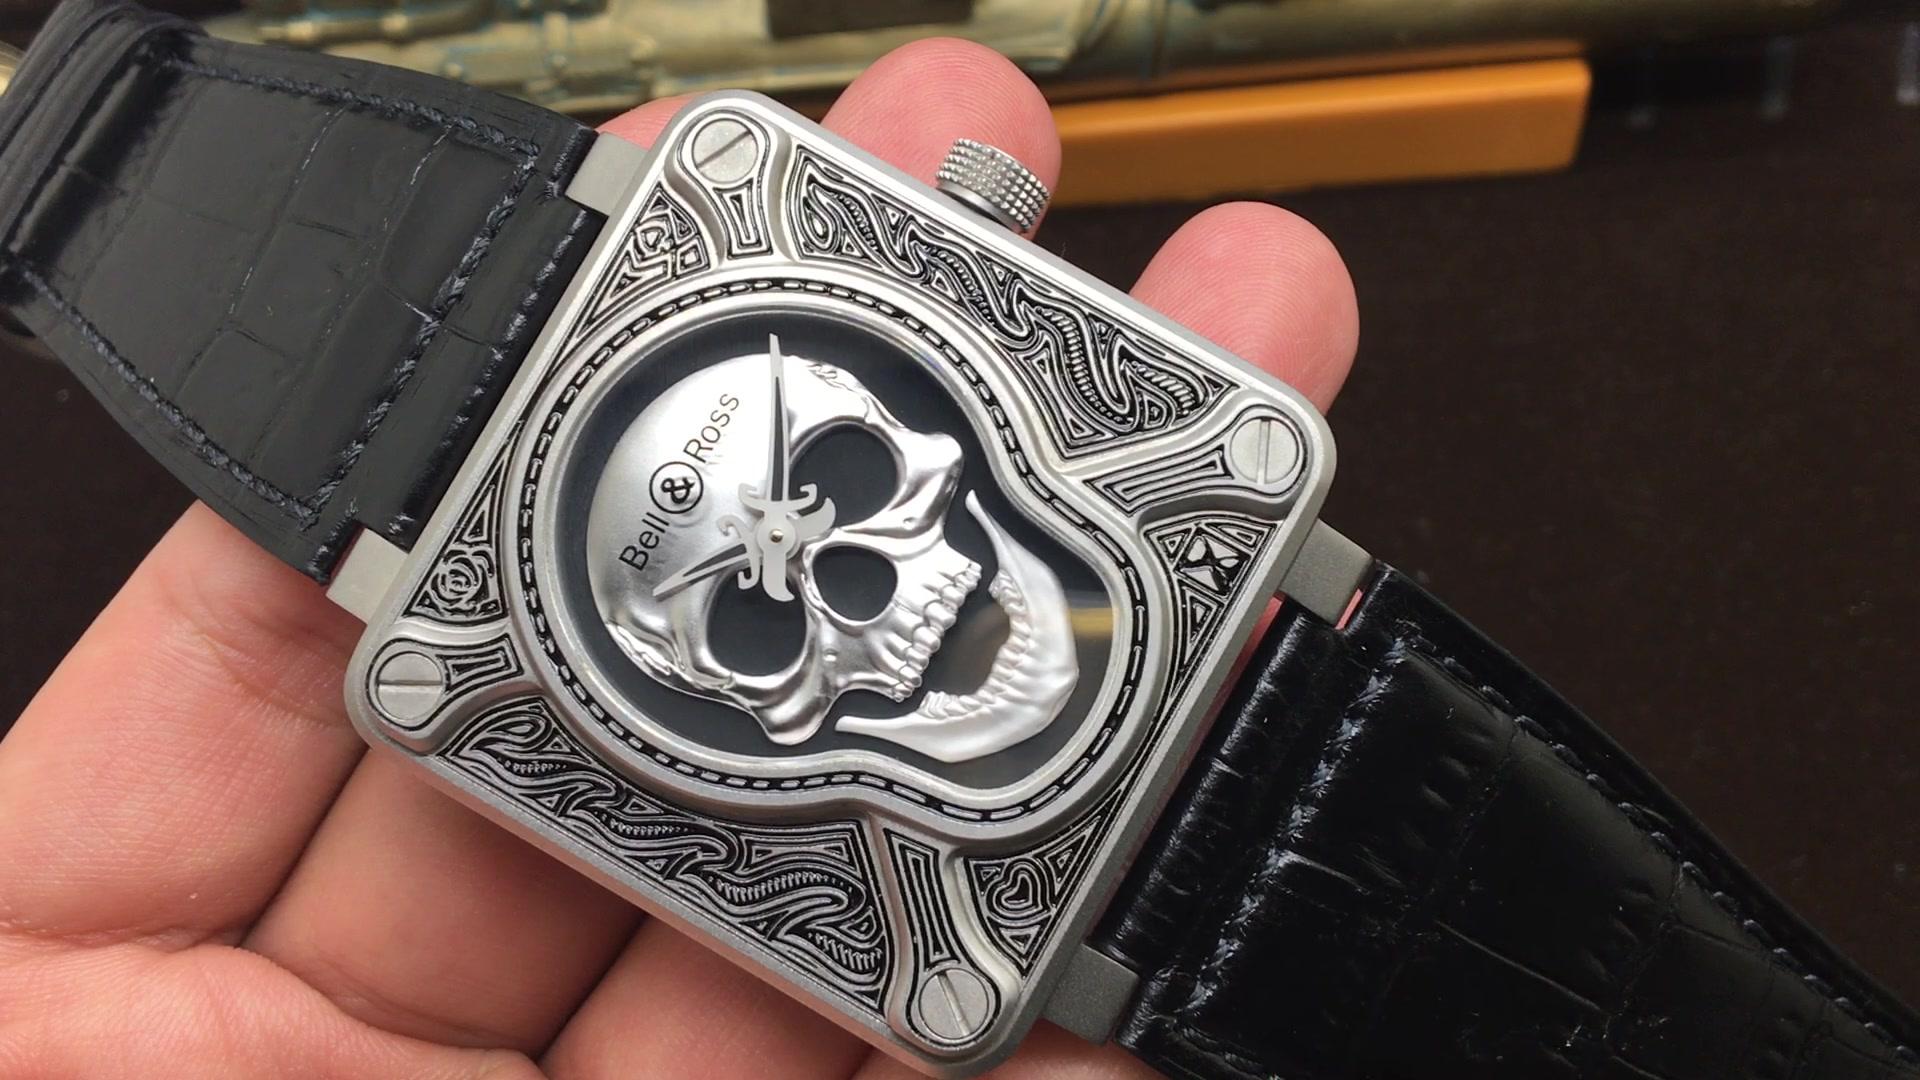 以纹身图案的形式重新诠释 经典的骷髅主题 46mm直径 316l精钢 自动上